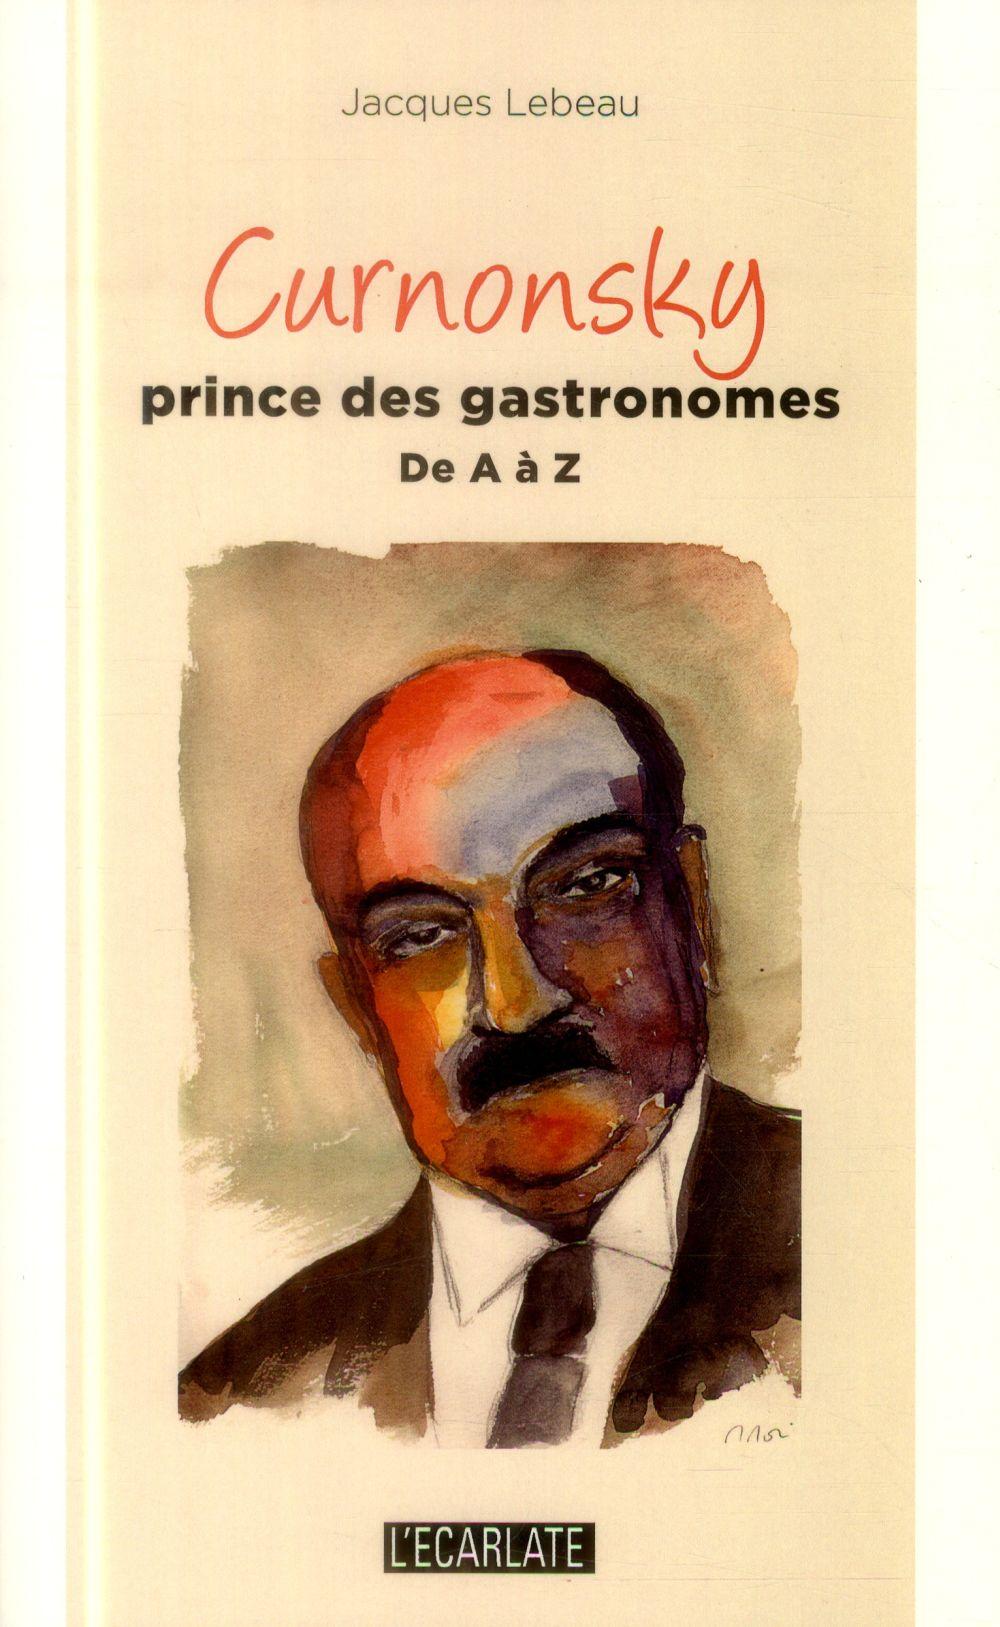 Curnonsky, prince des gastronomes de A à Z